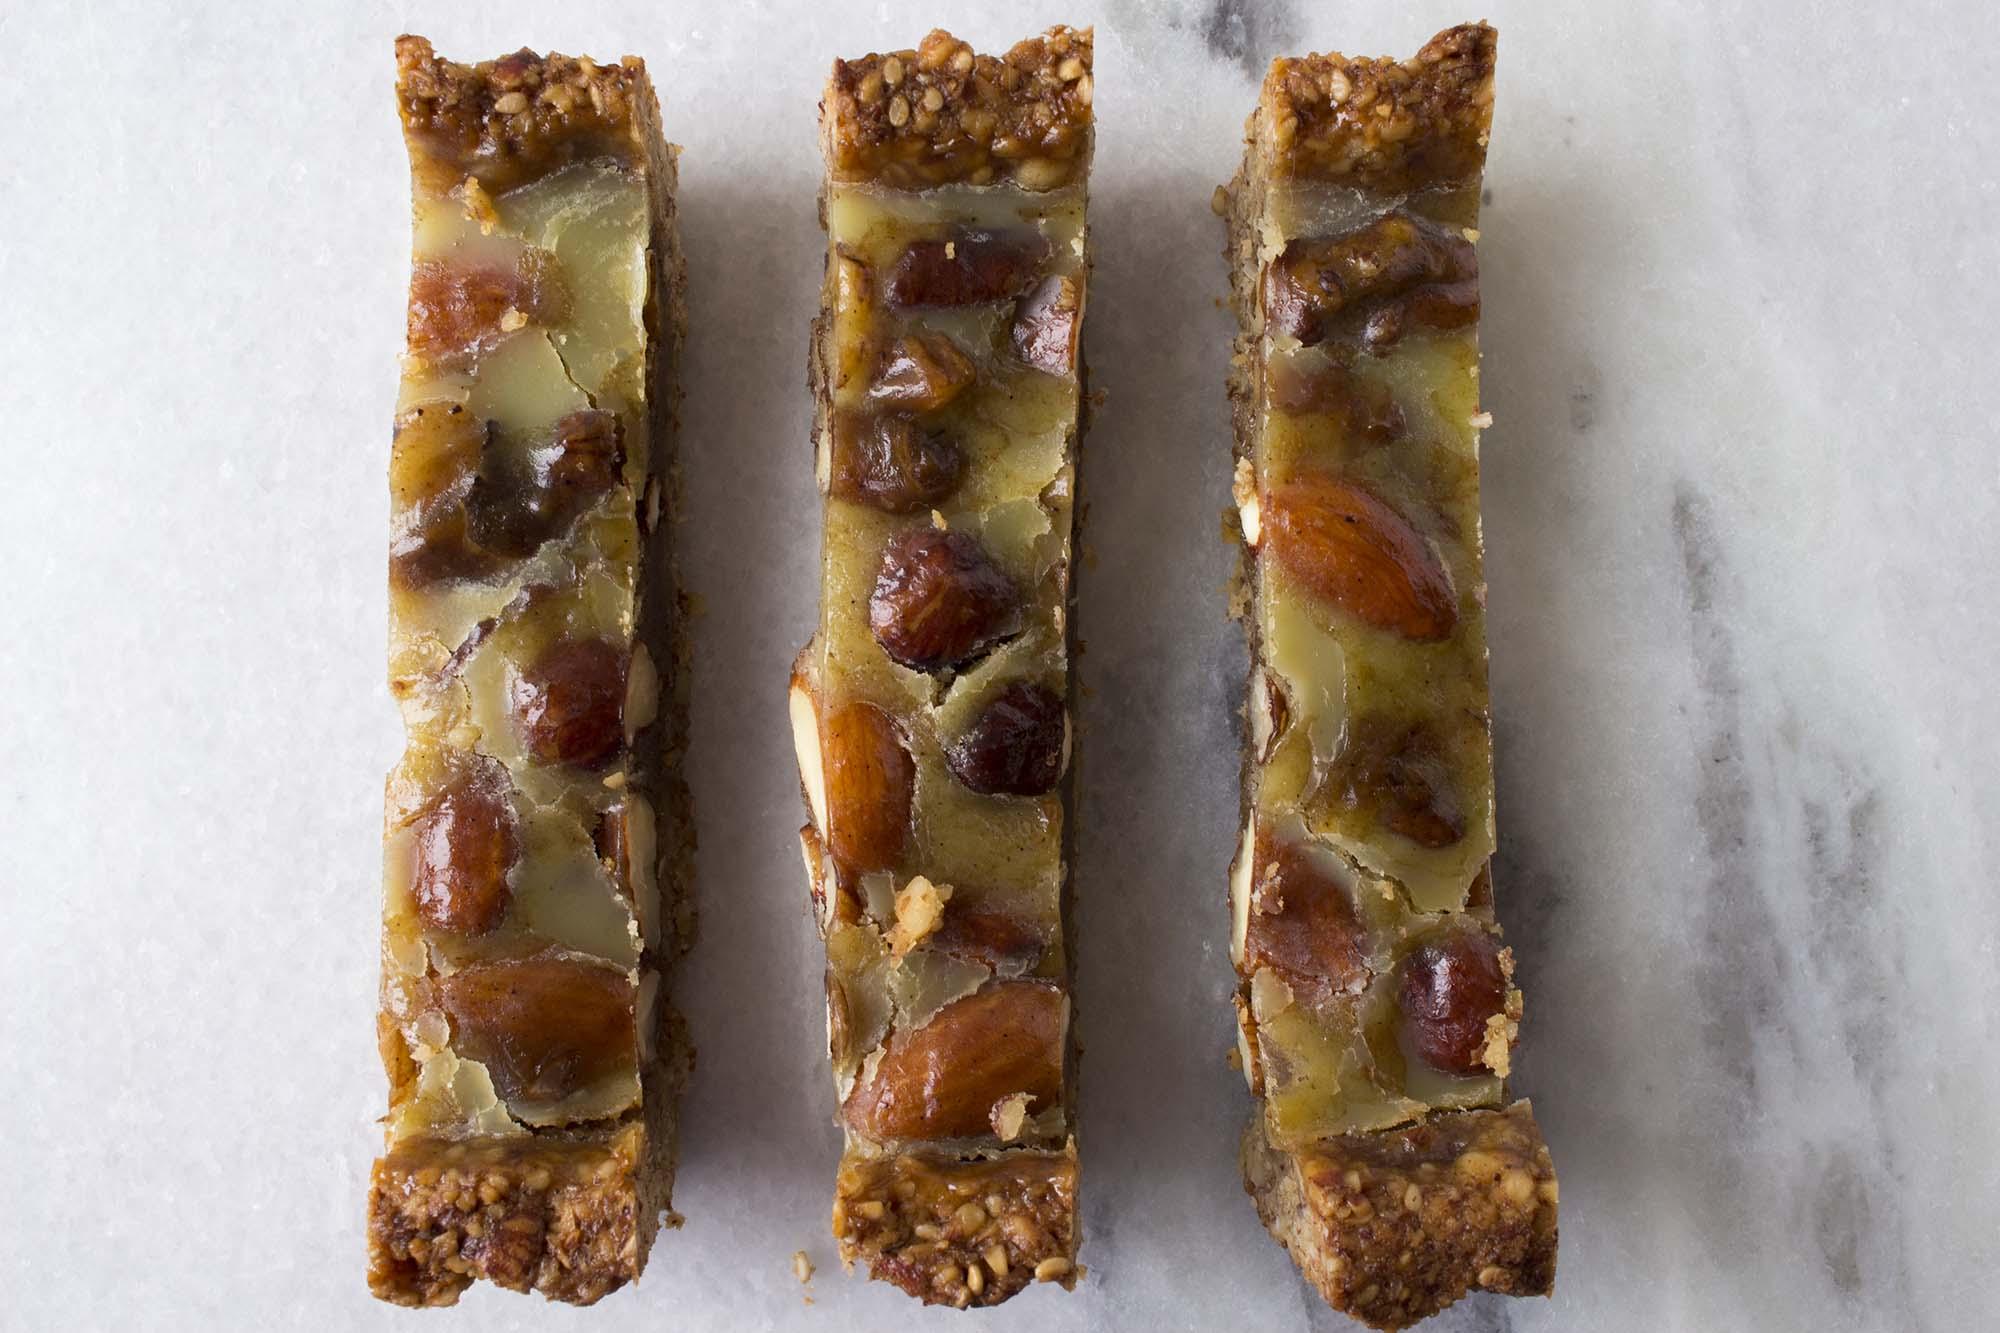 Lchf-venlig nøddetærte med karamel